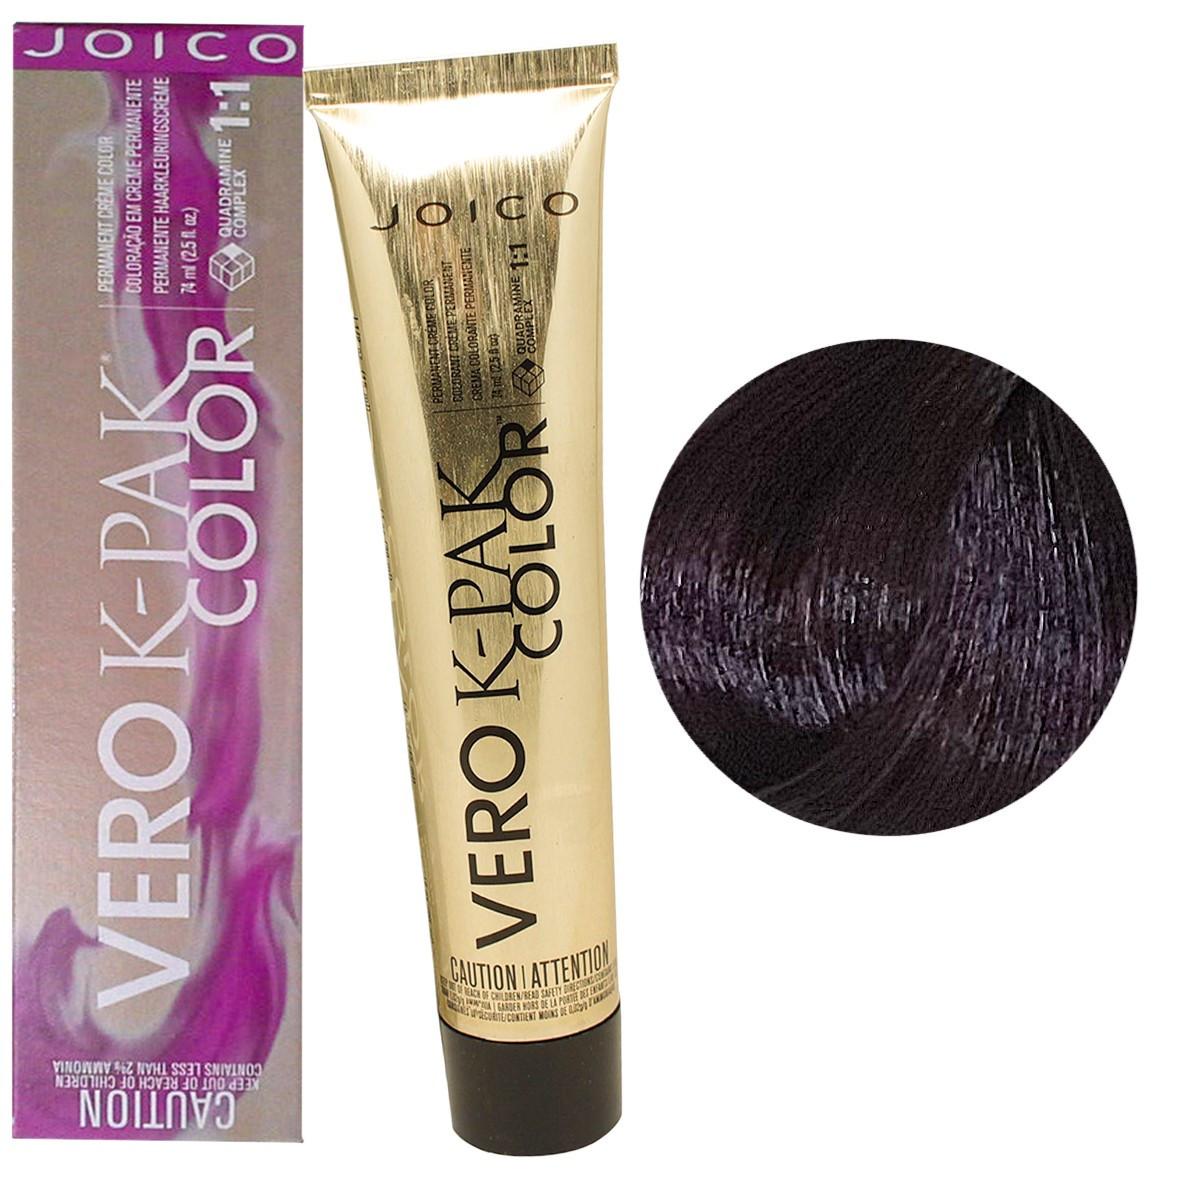 Краска для волос Joico Vero K-Pak Color в ассортименте 74 мл 4FV Темный коричневый огненно-фиолетовый (дикая